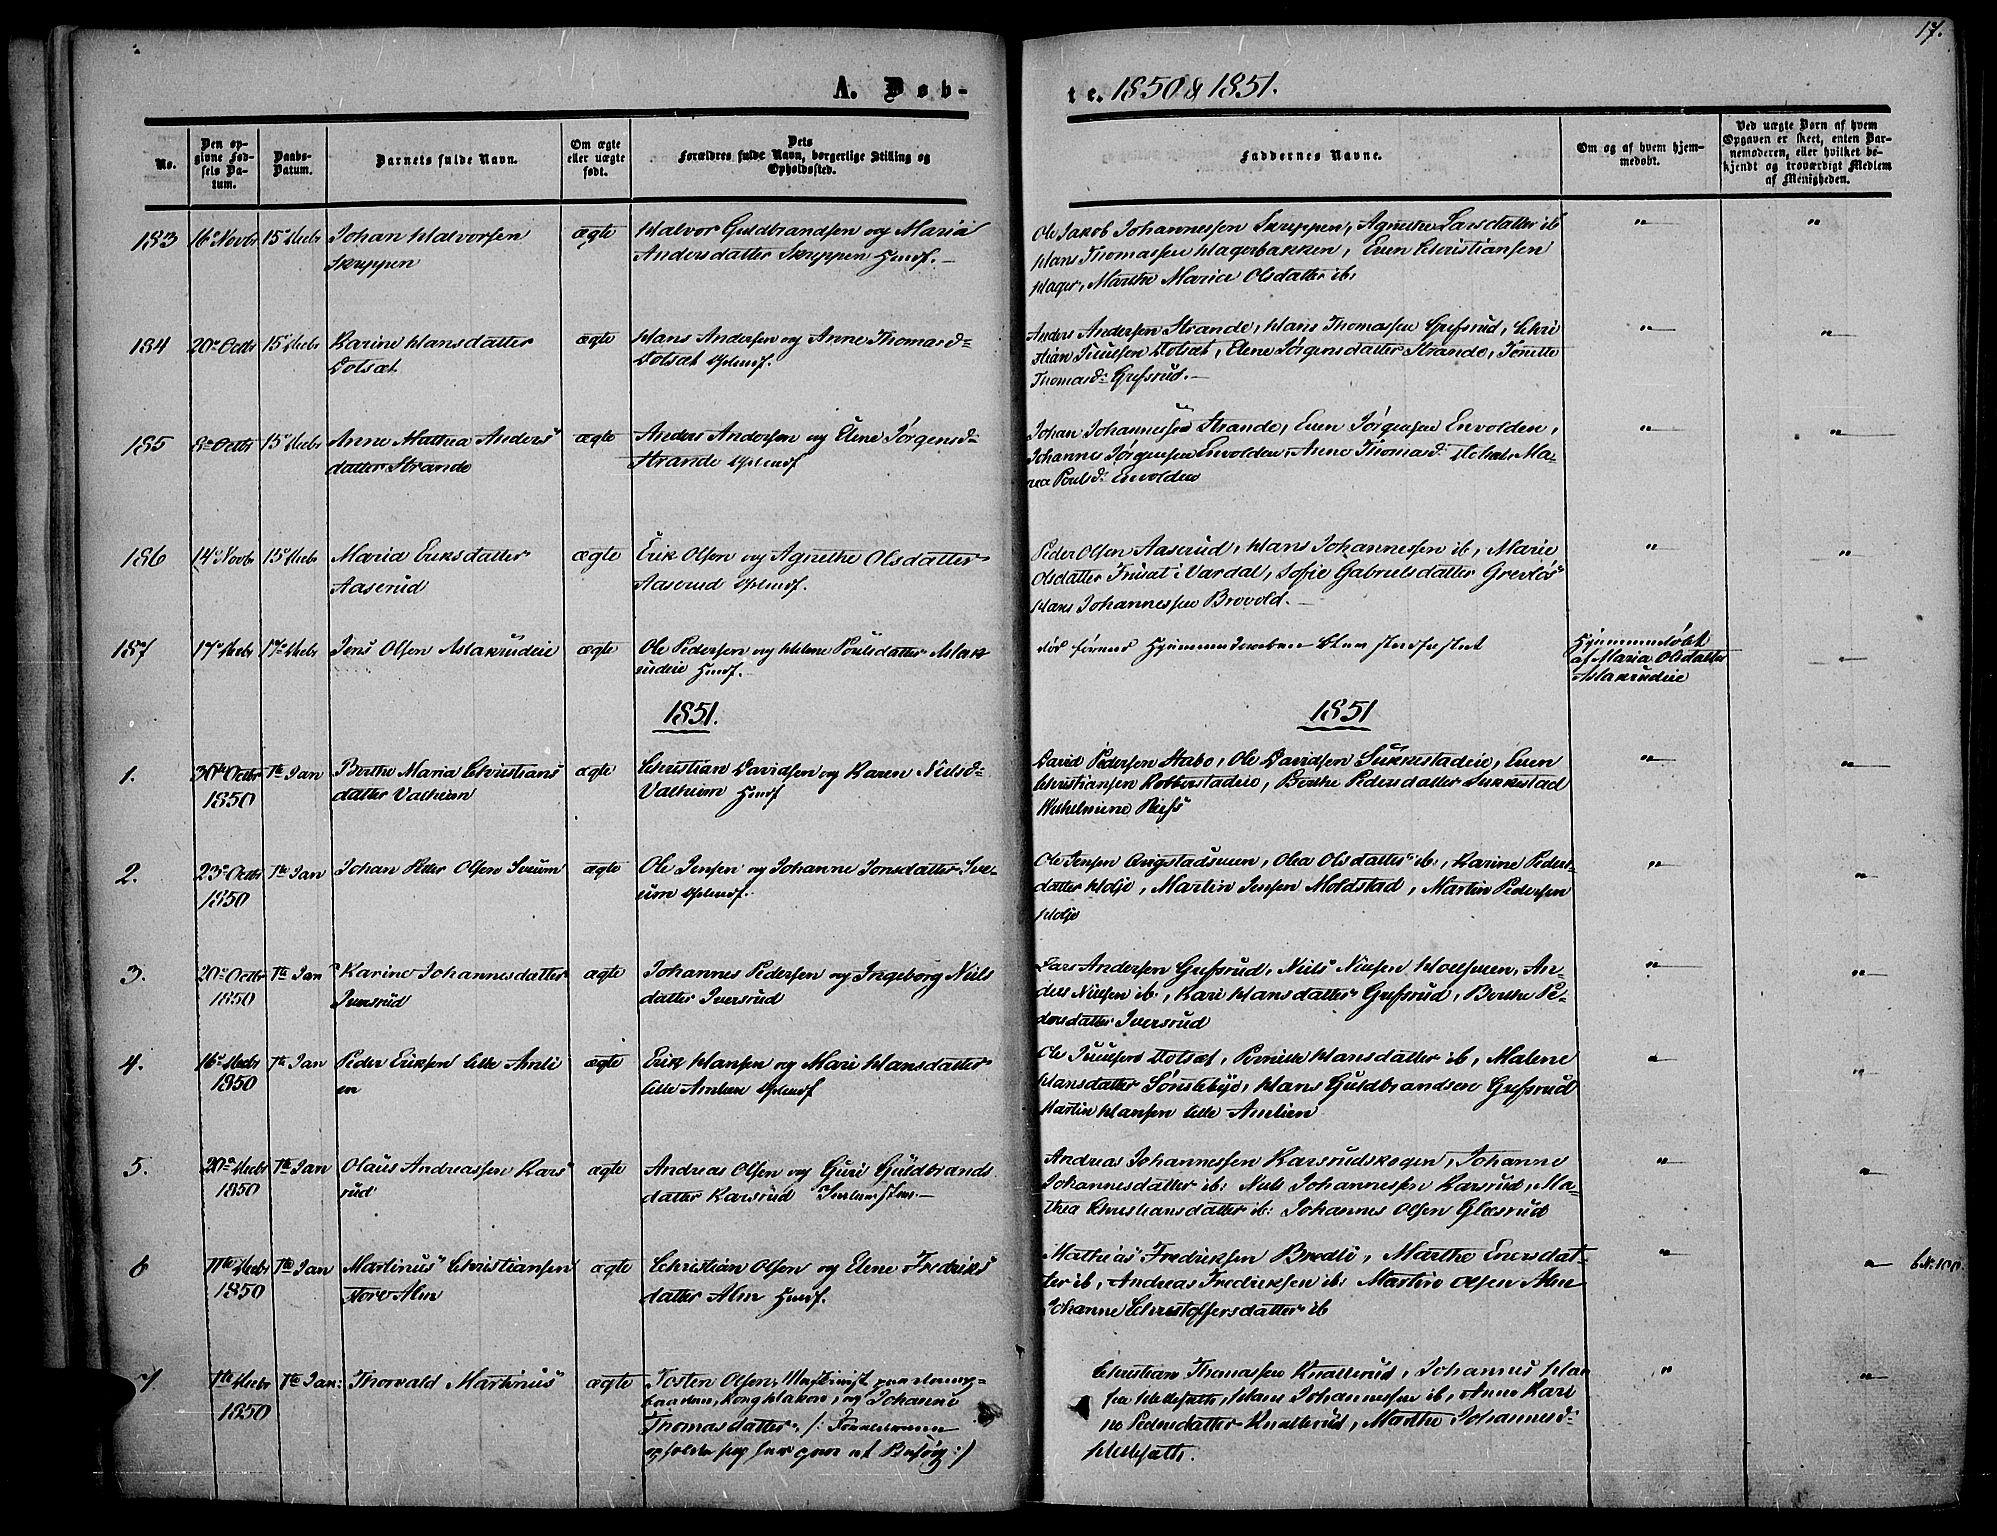 SAH, Vestre Toten prestekontor, Ministerialbok nr. 5, 1850-1855, s. 17